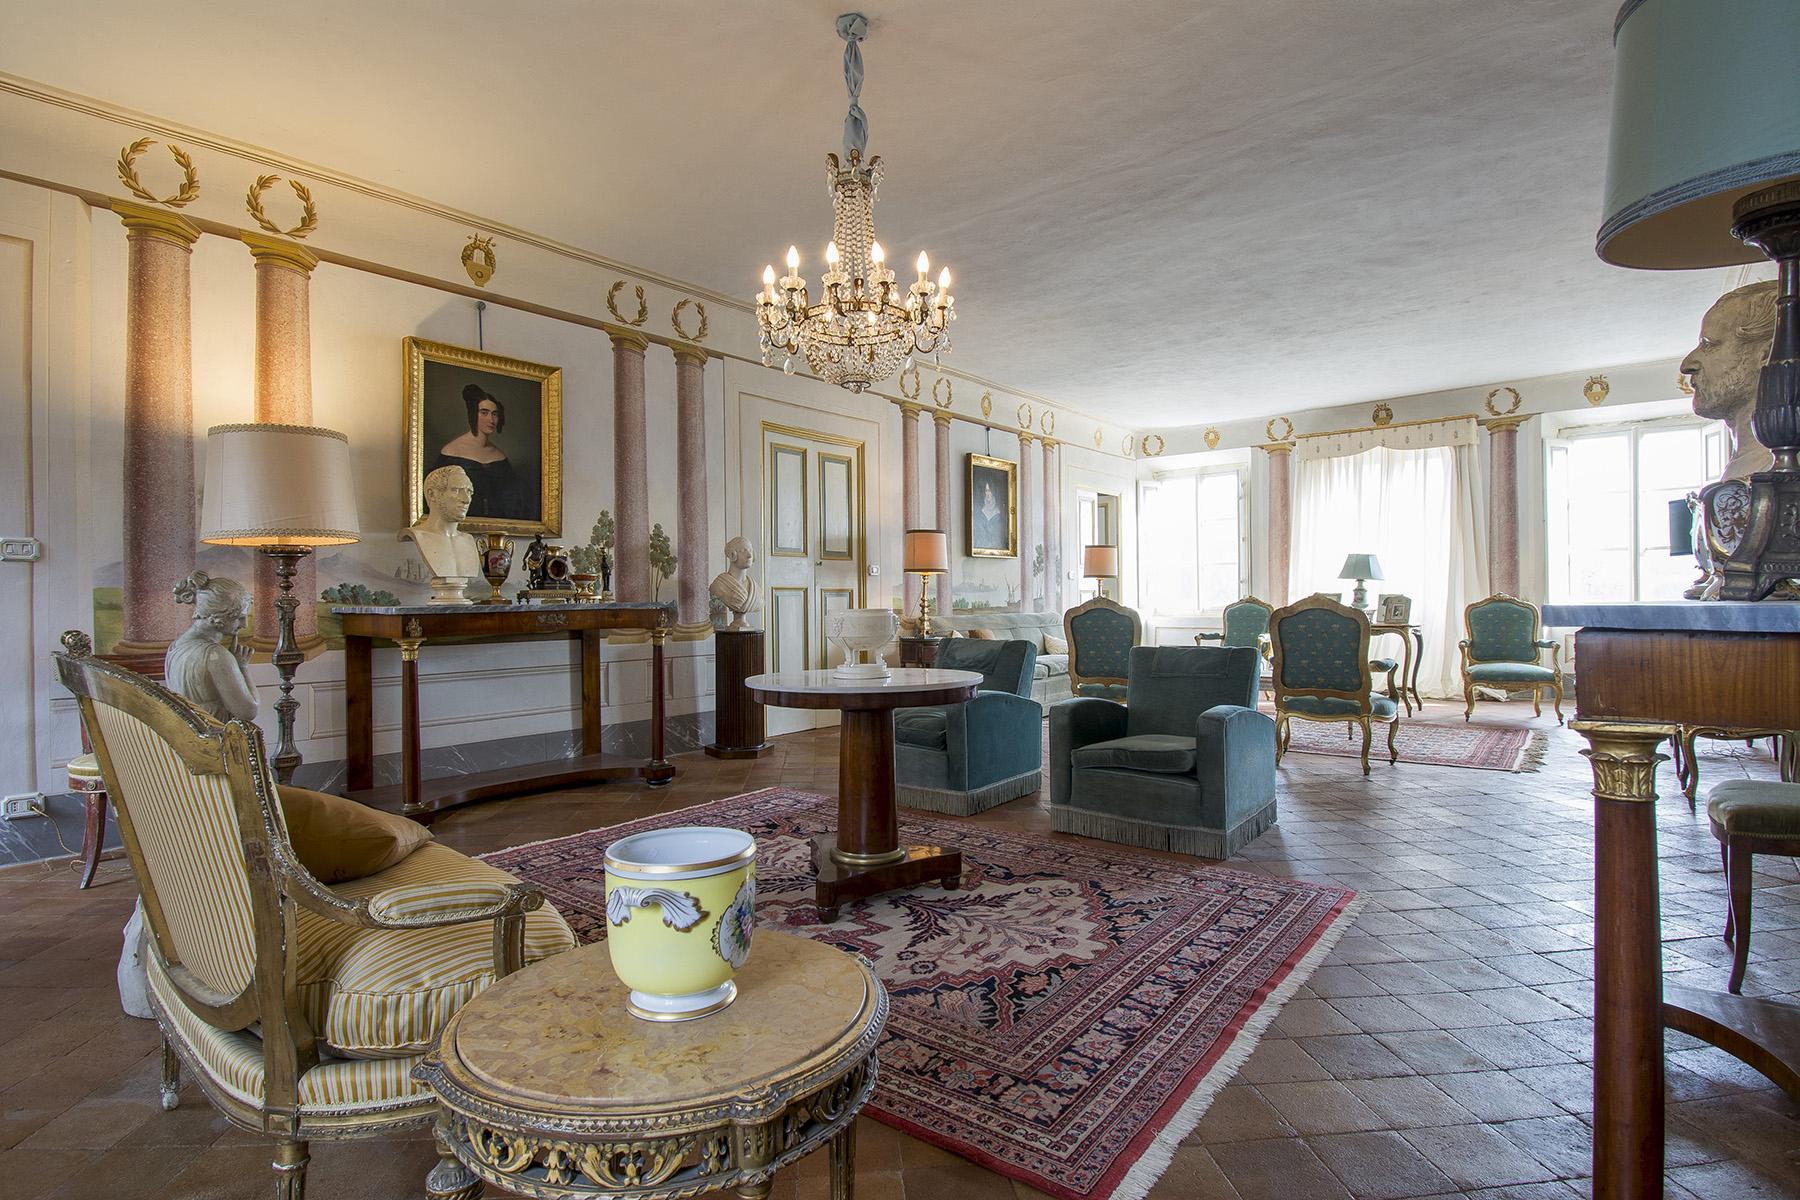 Villa historique près d'un village toscan médiéval - 7